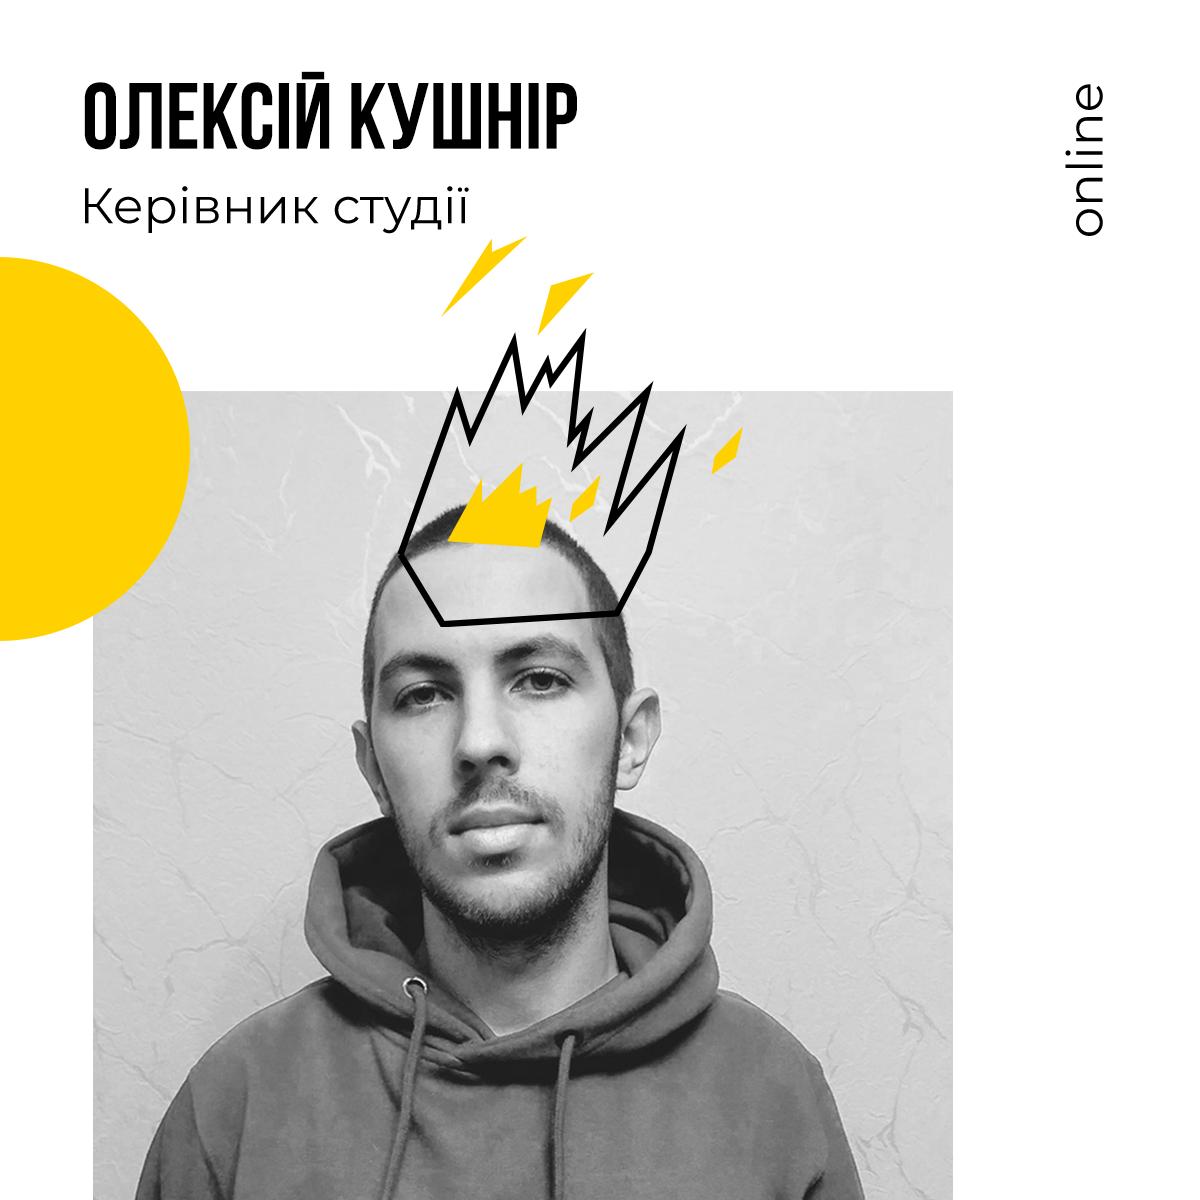 Як аудіо допомагає розповісти історію: лекція Олексія Кушніра